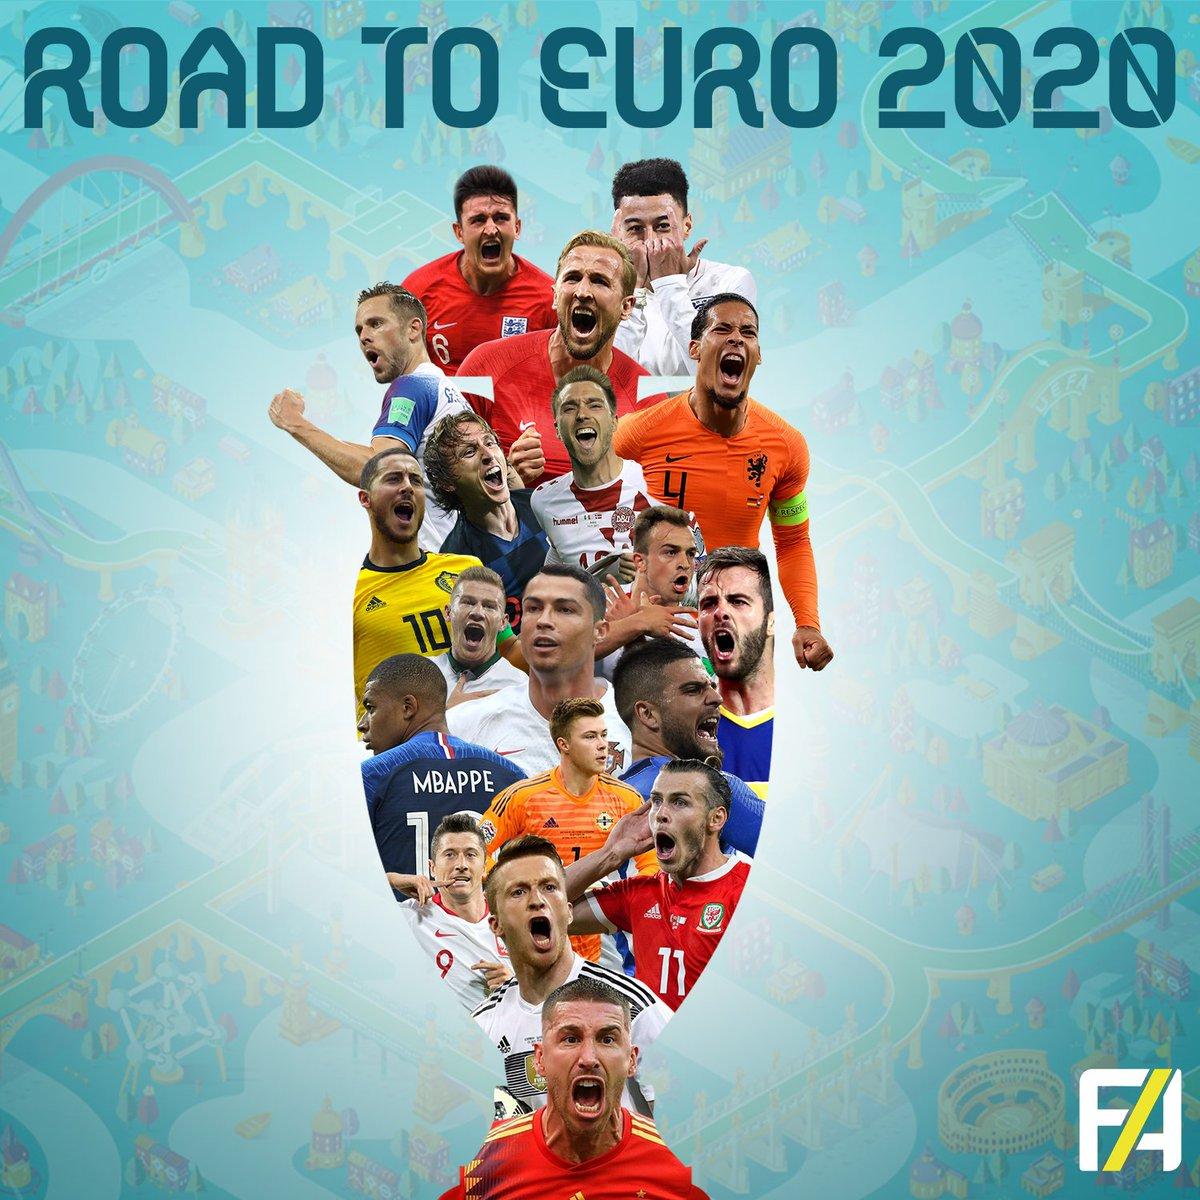 пътят към евро 2020 - квалификации